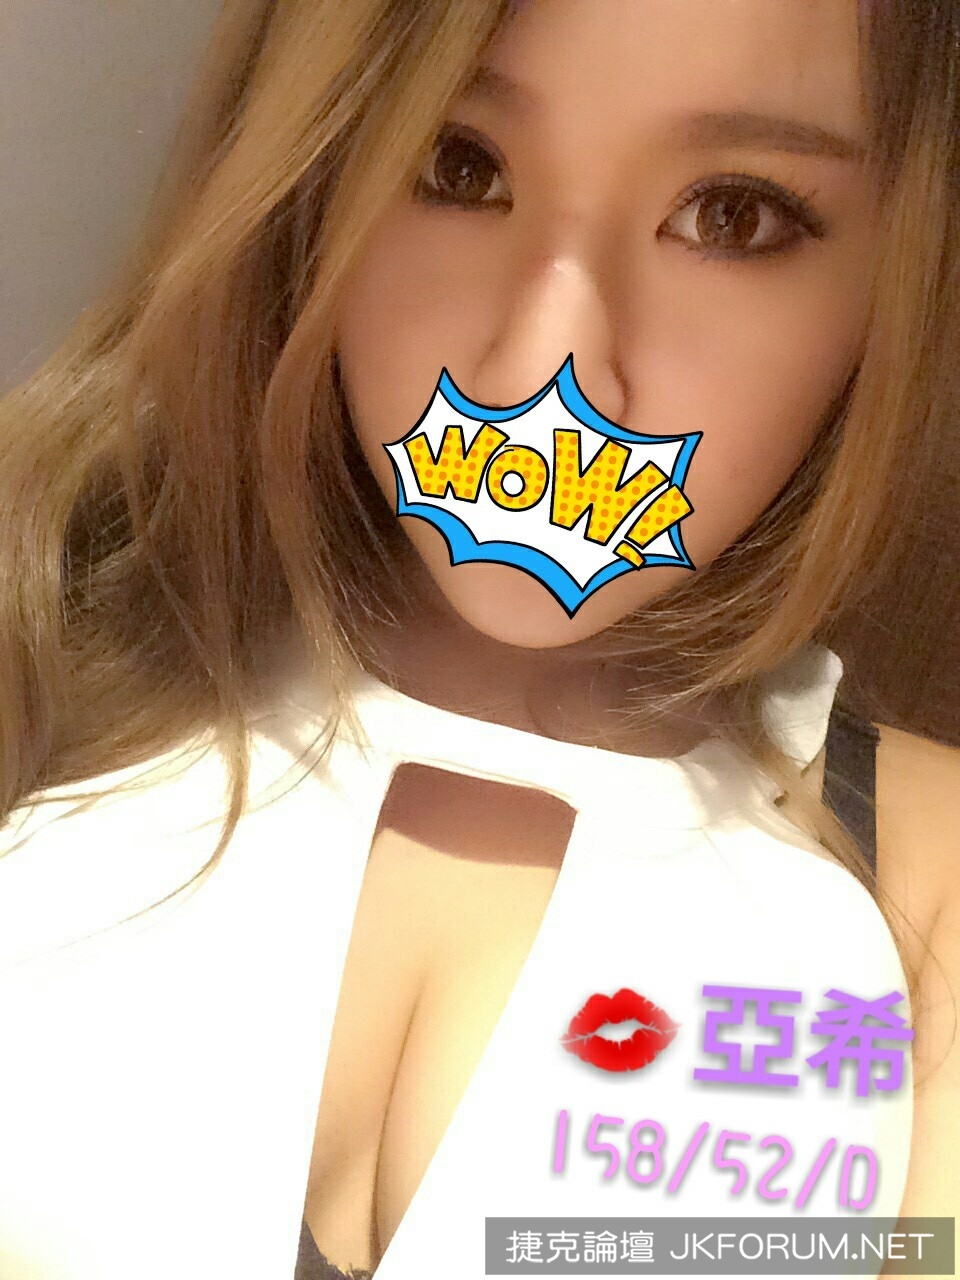 晚♥亞希_2959.jpg